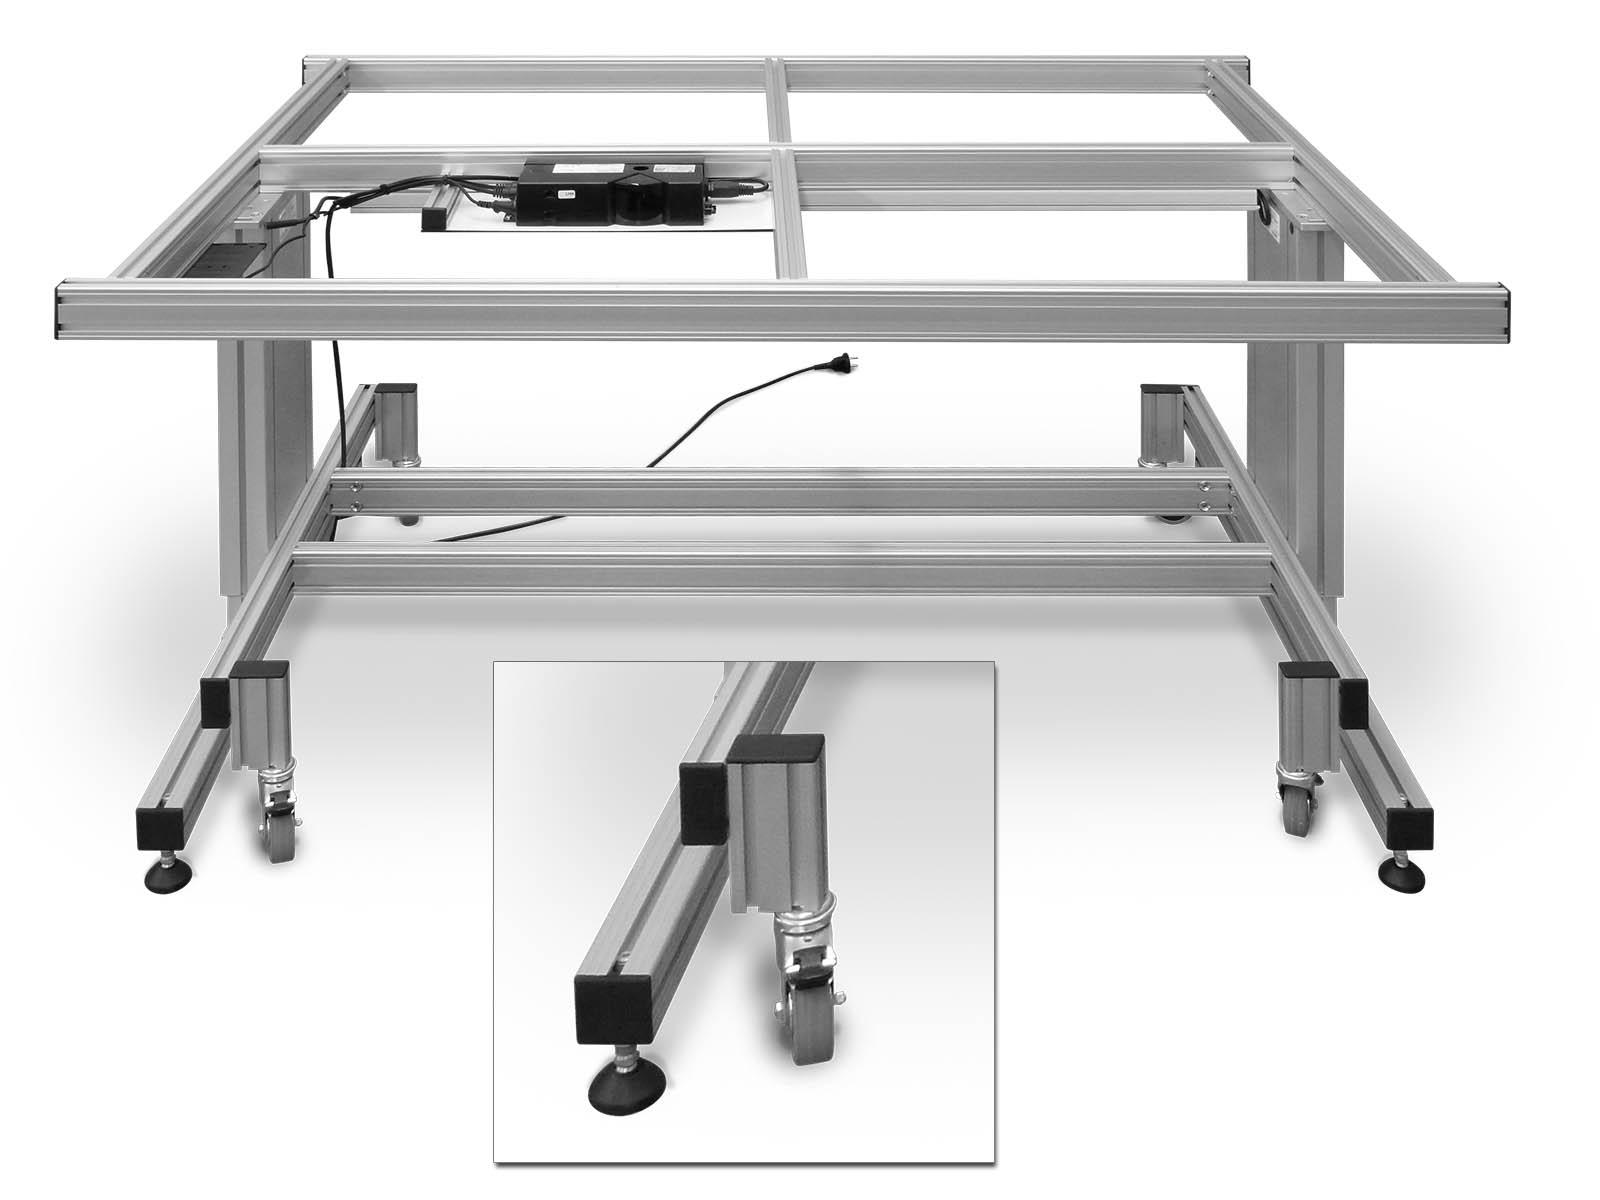 Arbeitstisch Rollbar arbeitstische belo restaurierungsgeräte gmbh